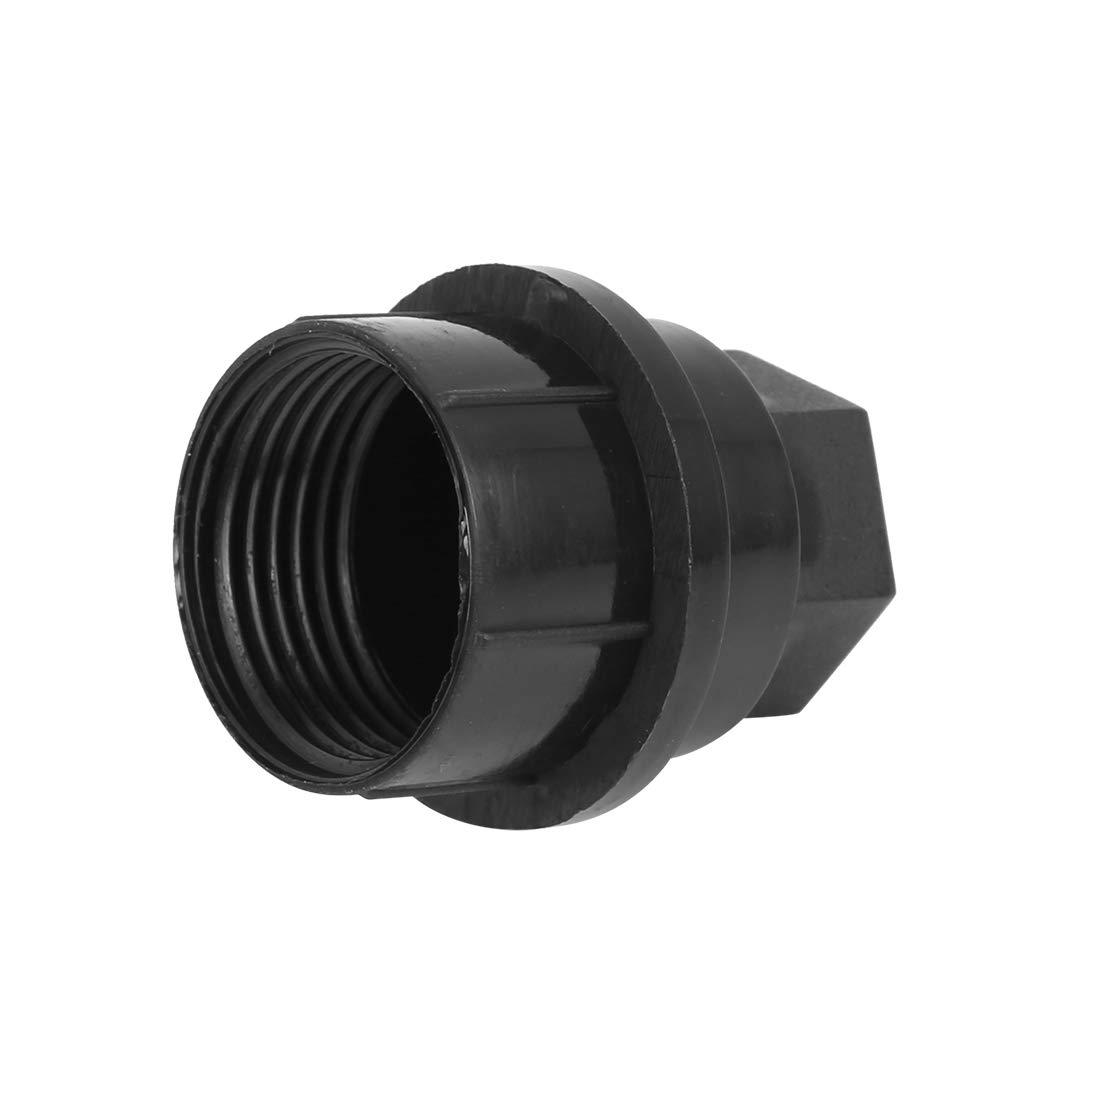 X AUTOHAUX Wheel Lug Nut Cover Black M26-2.0 for GMC Yukon C2500 C3500 Chevrolet 15646250